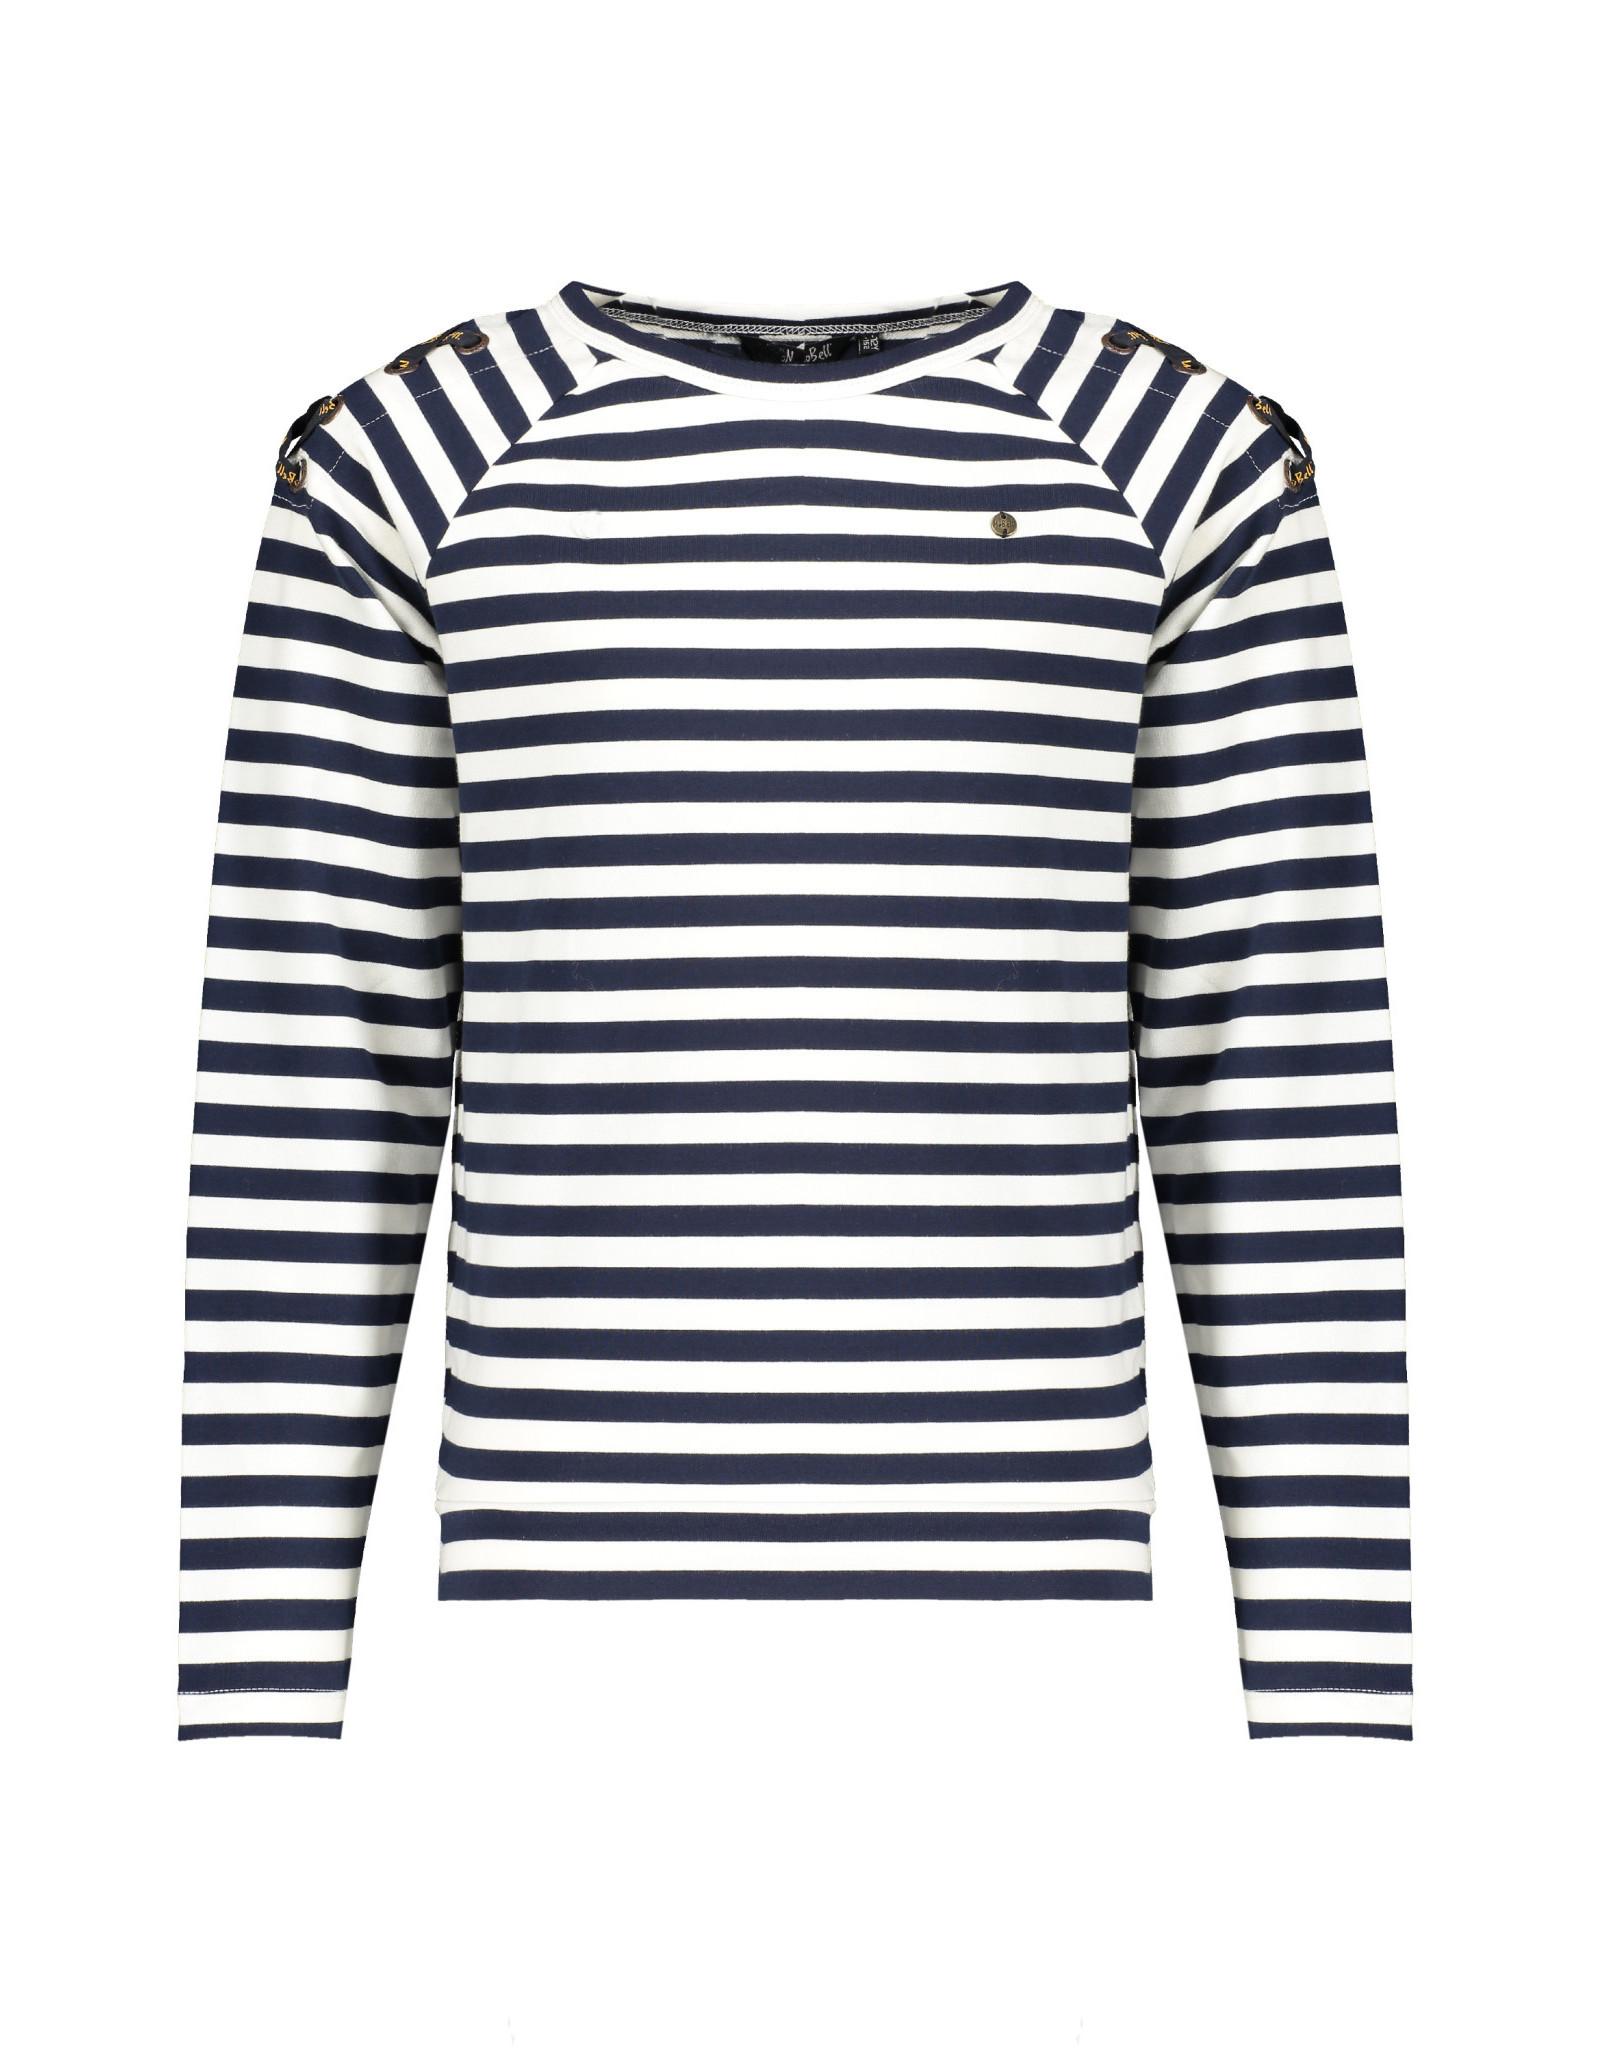 NoBell meiden gestreept shirt Kaz Grey Navy